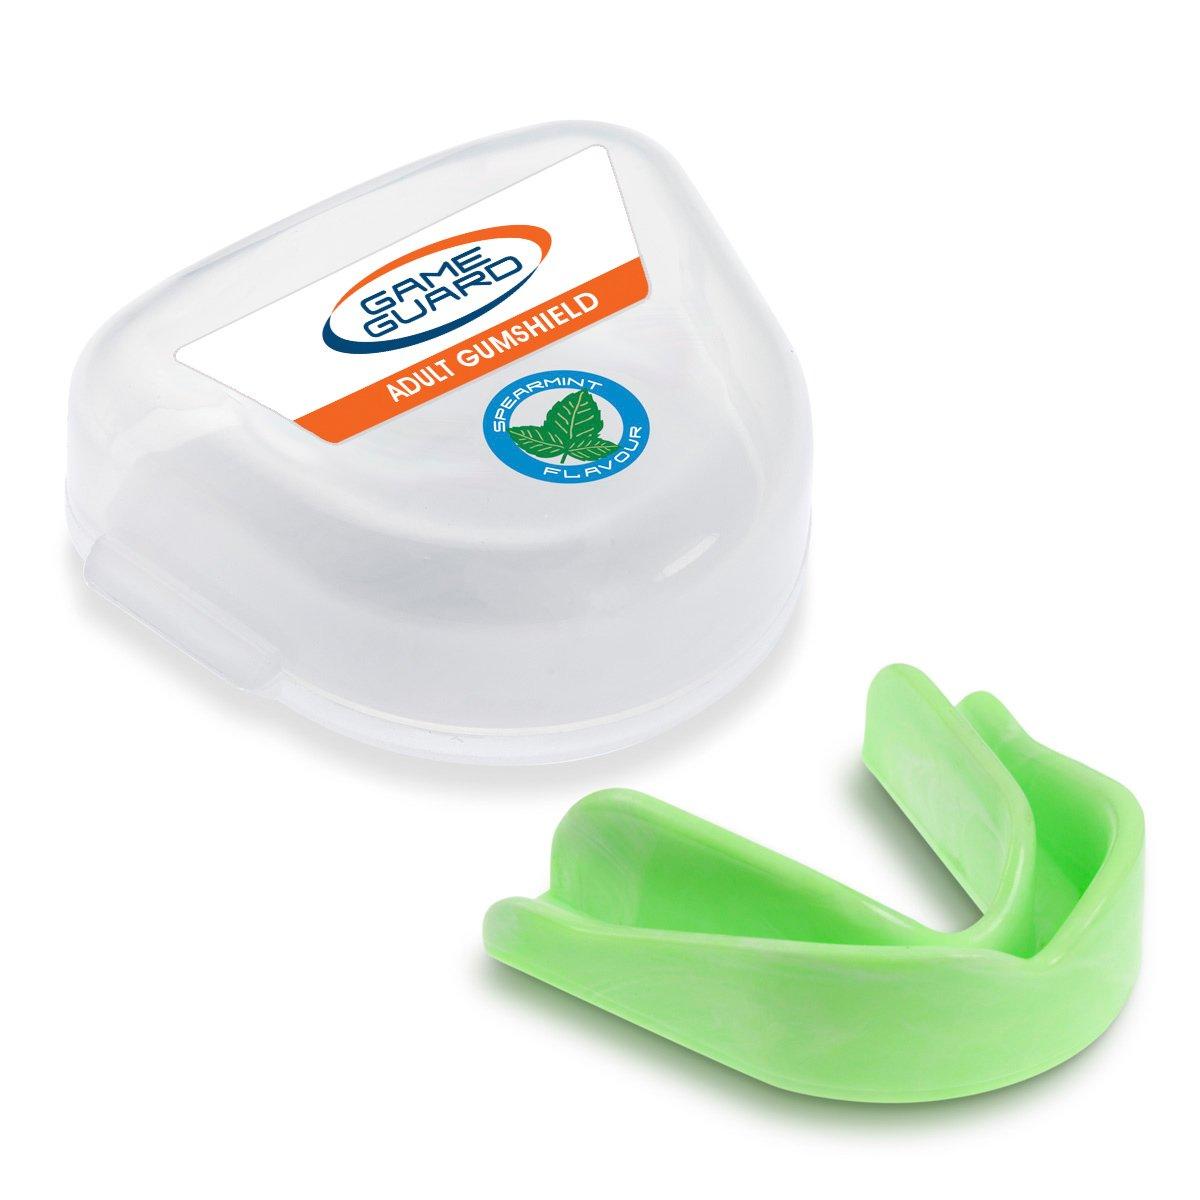 10x Game Guard Paradenti/Paradenti Denti Protezione/, colore: verde menta, Paradenti, approvato CE, ideale per la scuola sport Paul Norman Plastics Ltd